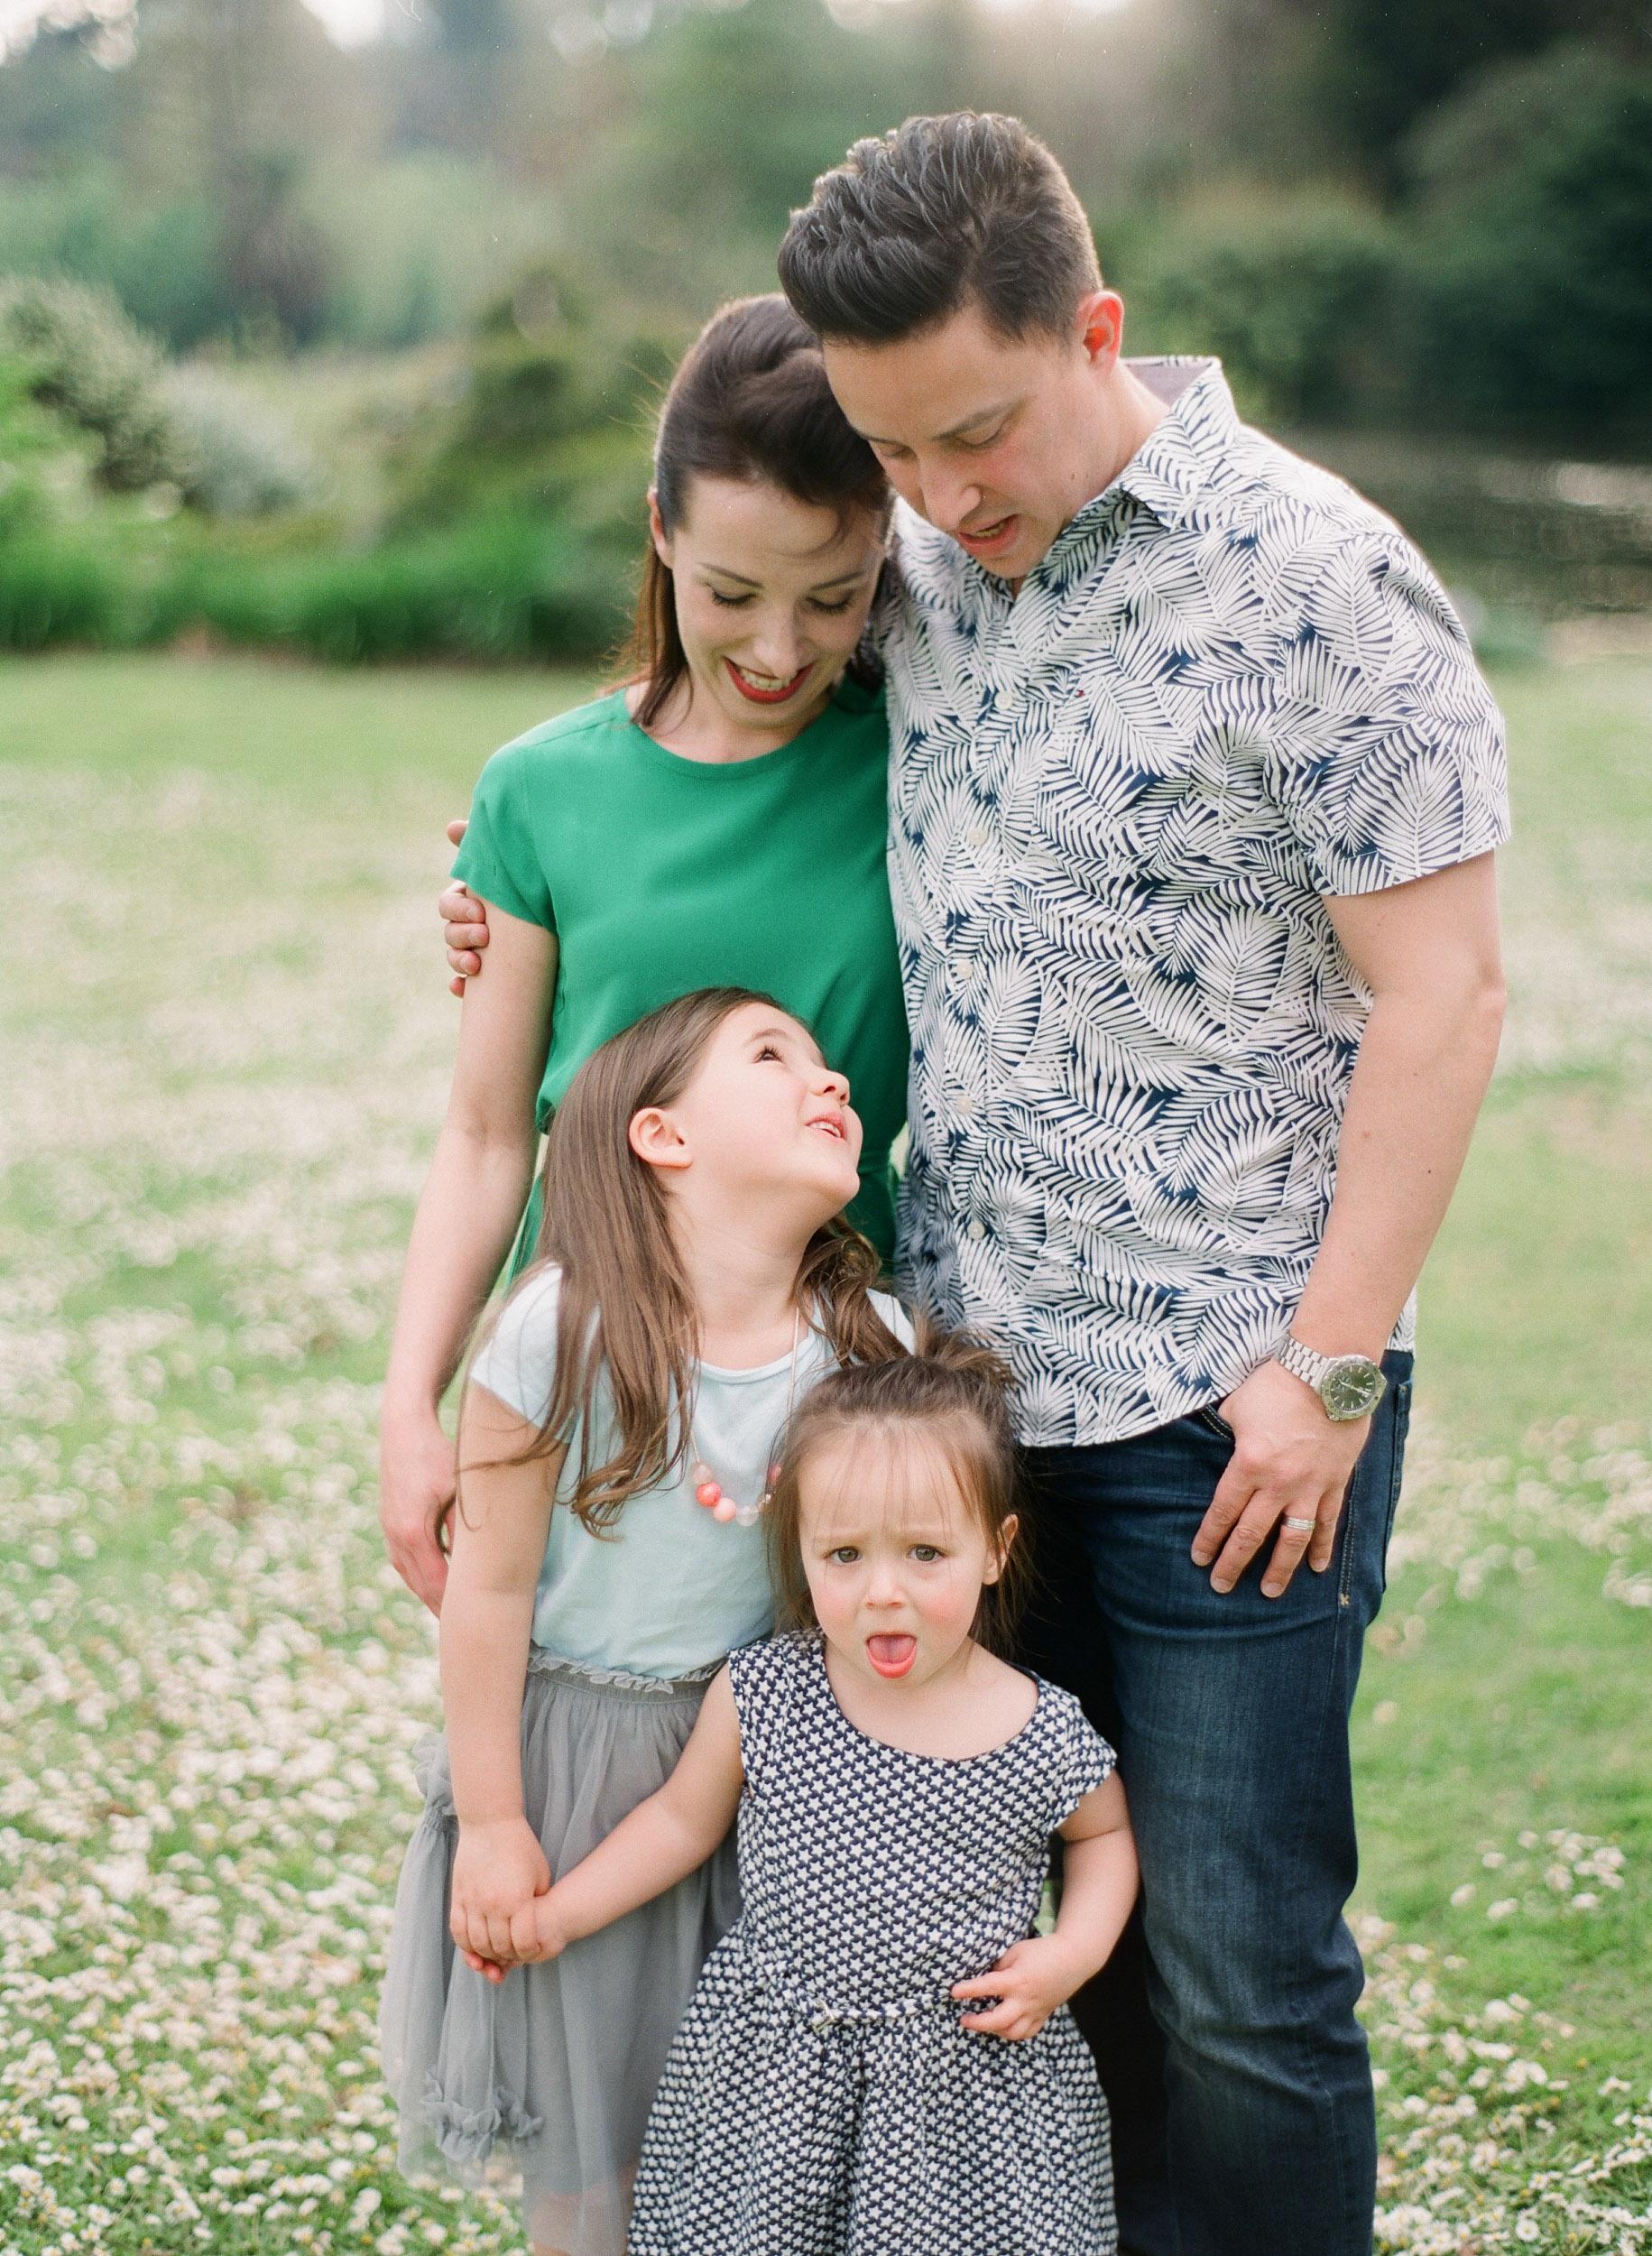 family (12 of 12) - 000077320015.jpg